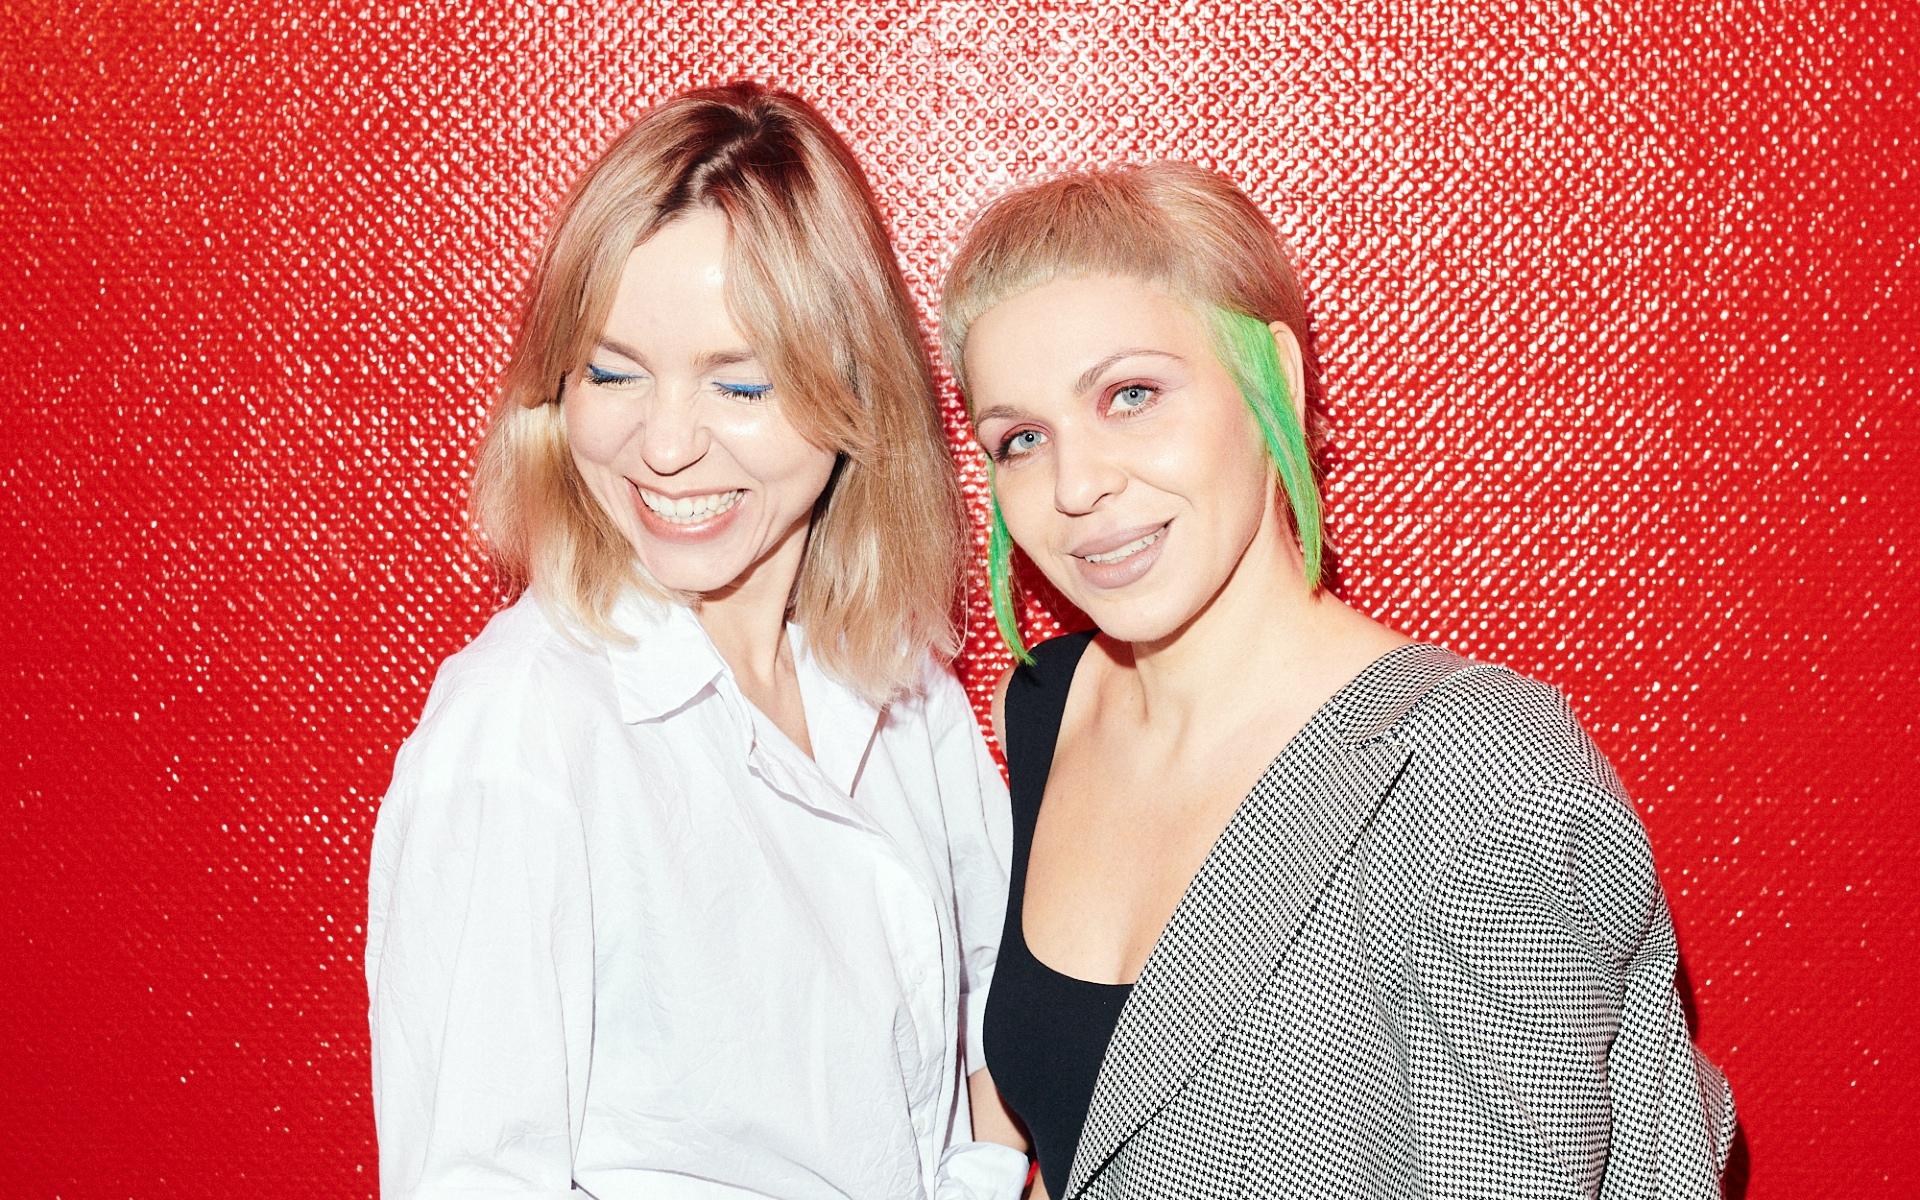 Партнеры студии DVEKATI Екатерина Любарская (слева) и Екатерина Сванидзе